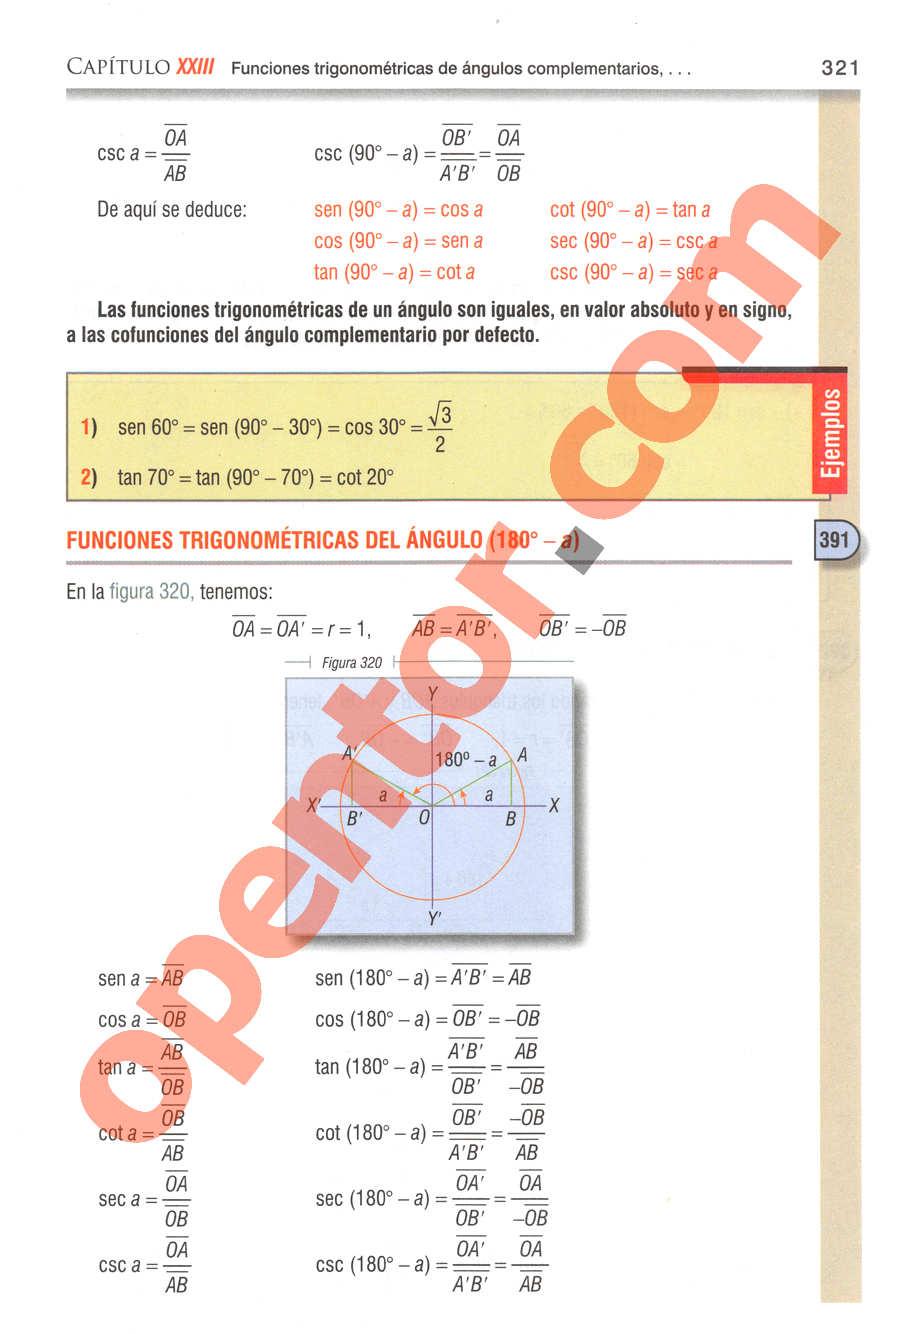 Geometría y Trigonometría de Baldor - Página 321